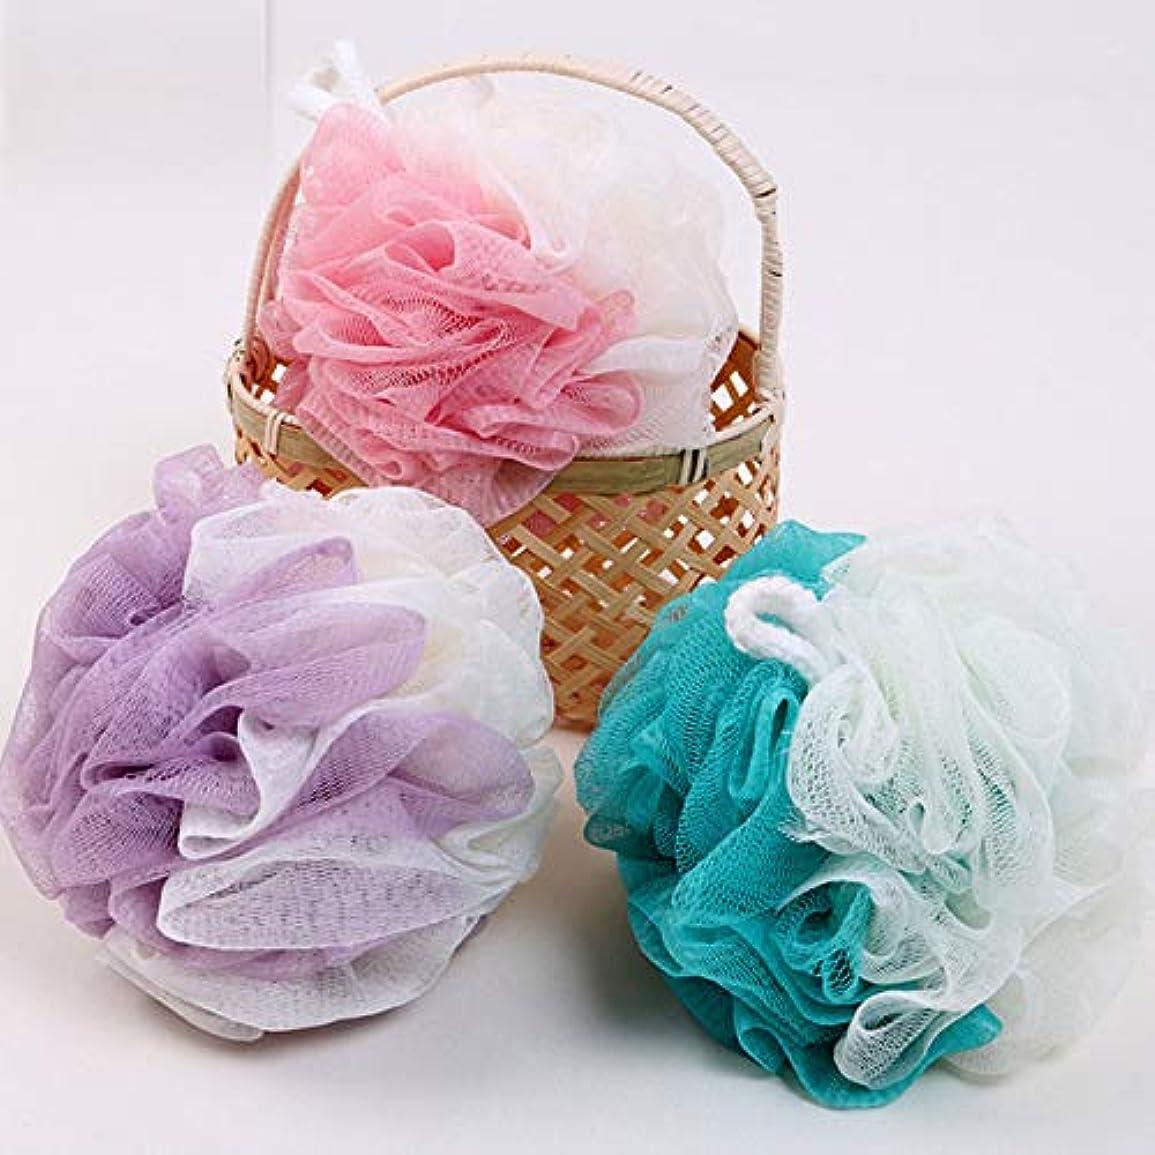 感動する衝突コース安全でないボディウォッシュボール 泡立てネット スポンジ フラワーボール 超柔軟 シャワー用 風呂 浴室 3 個入 (3 個入, Pink + Purple + Blue)